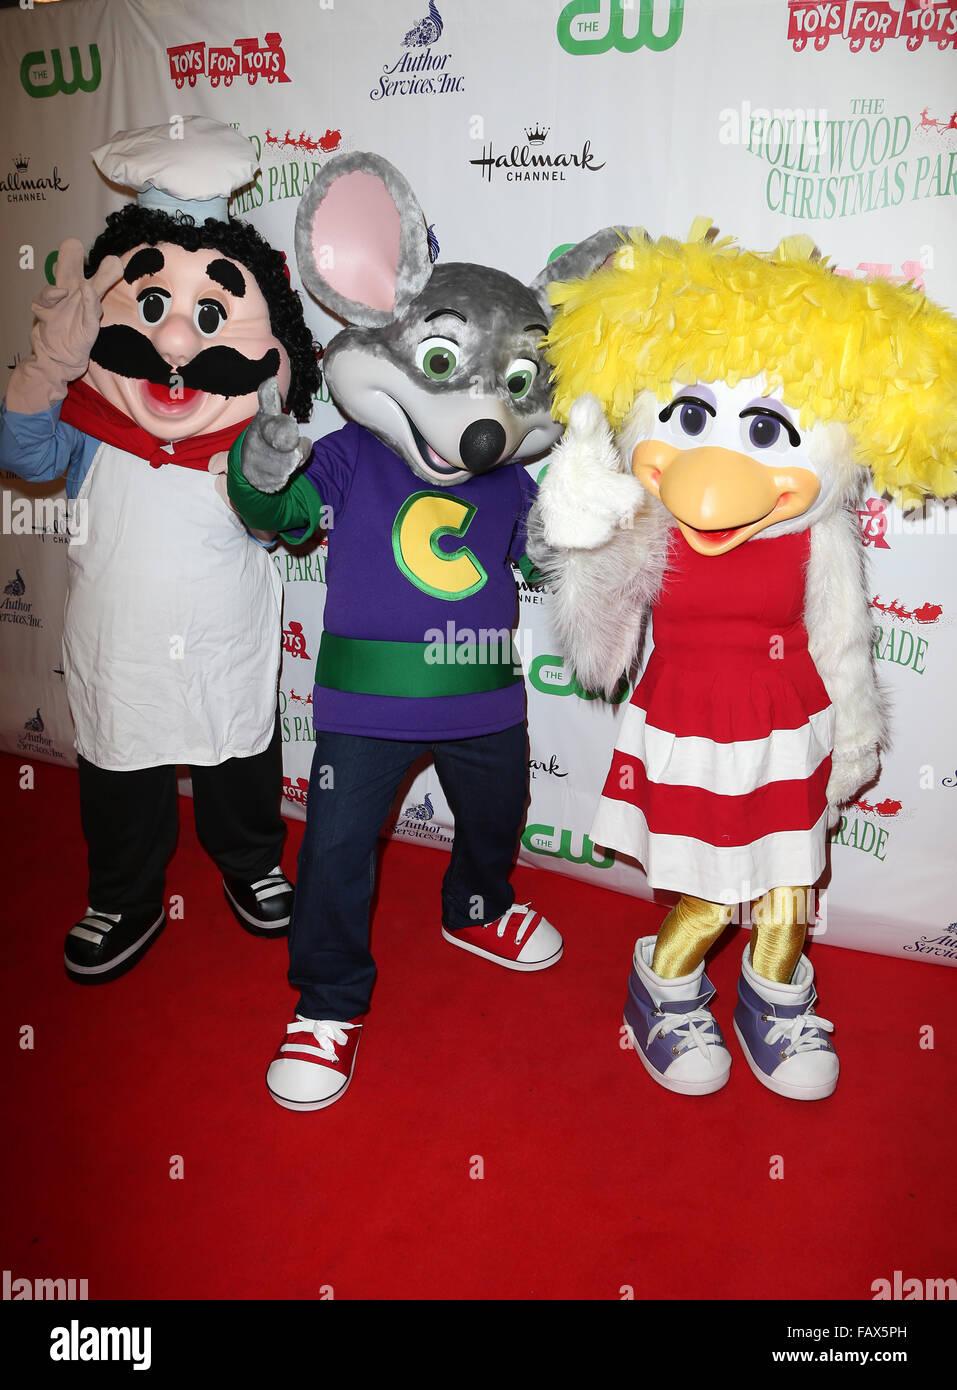 Chuck E Cheese Christmas.2015 Hollywood Christmas Parade Featuring Chuck E Cheese